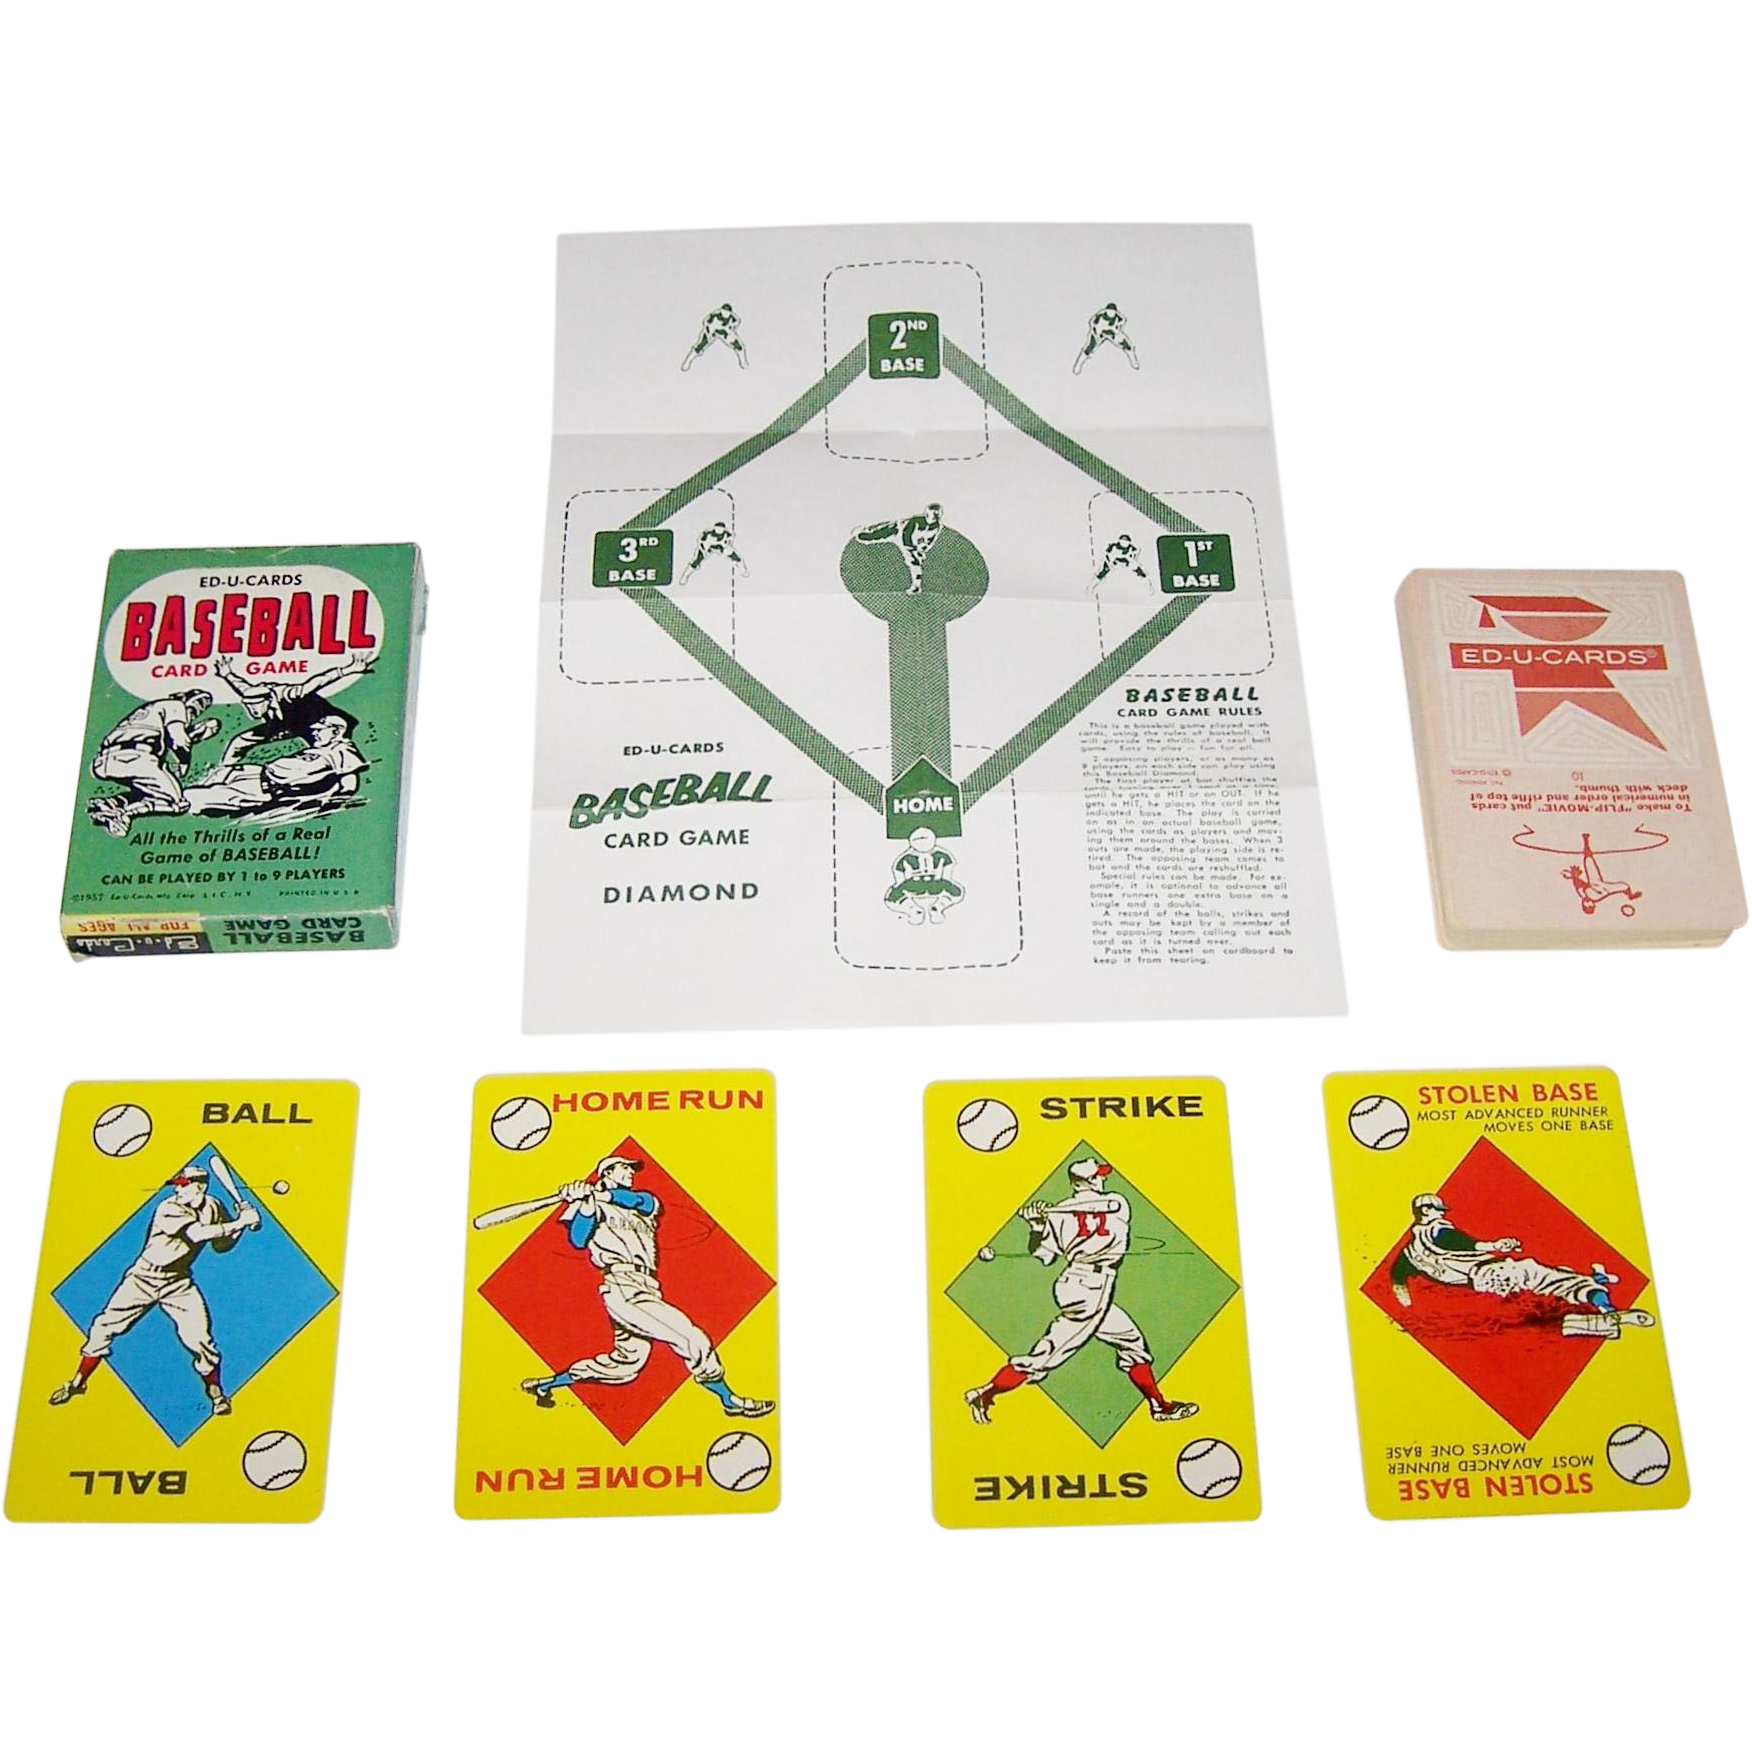 """Ed-U-Cards """"Baseball Card Game,"""" c.1957"""